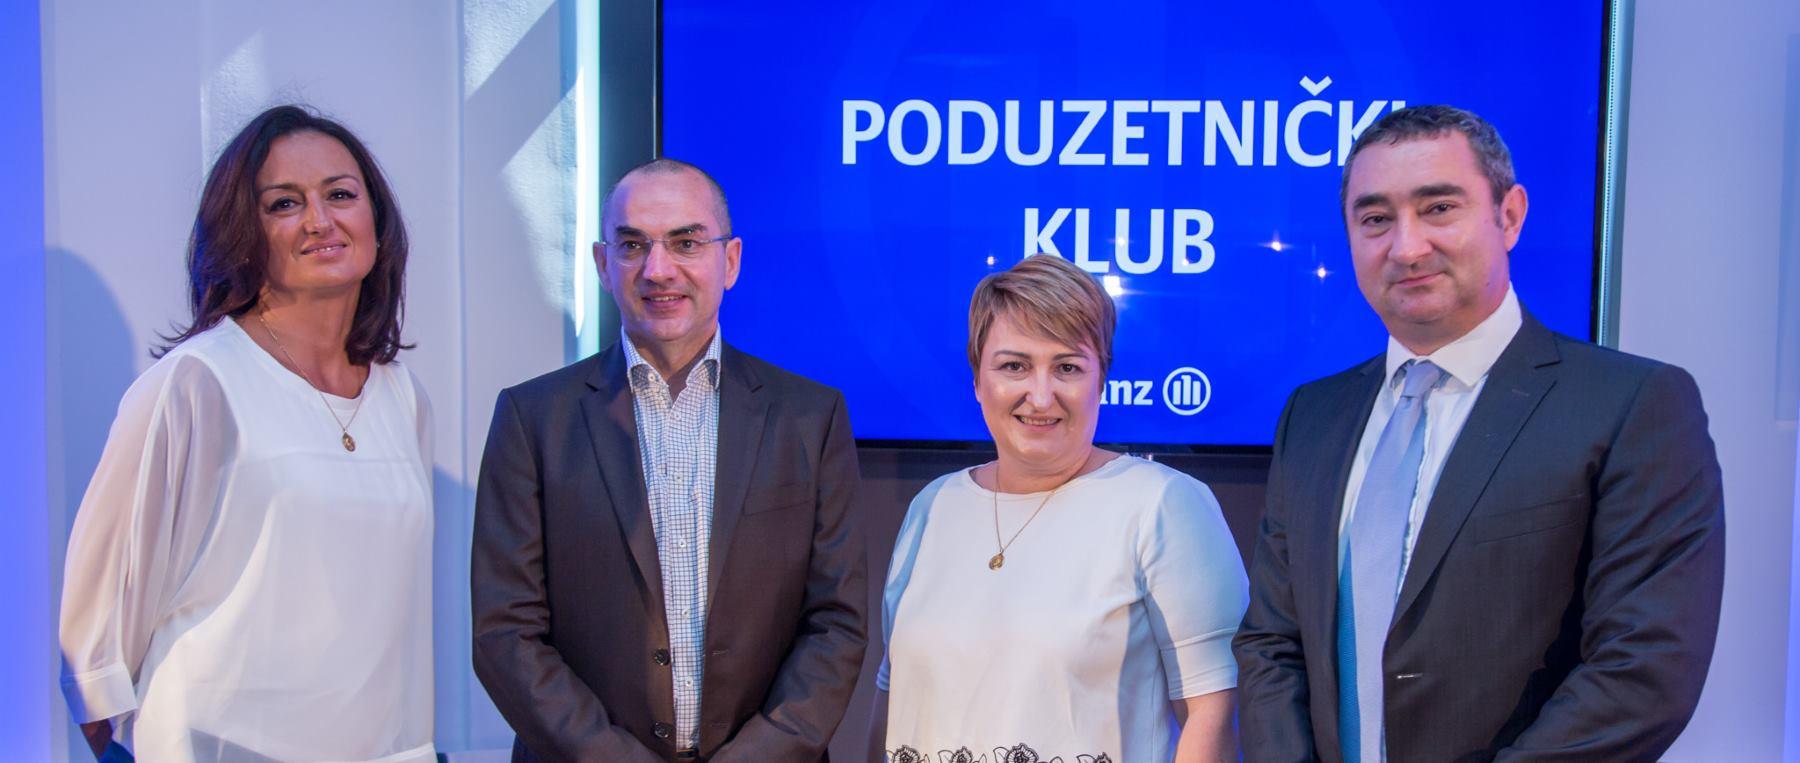 Tvrtka Allianz pokrenula Poduzetnički klub koji okuplja više od 200 malih poduzetnika